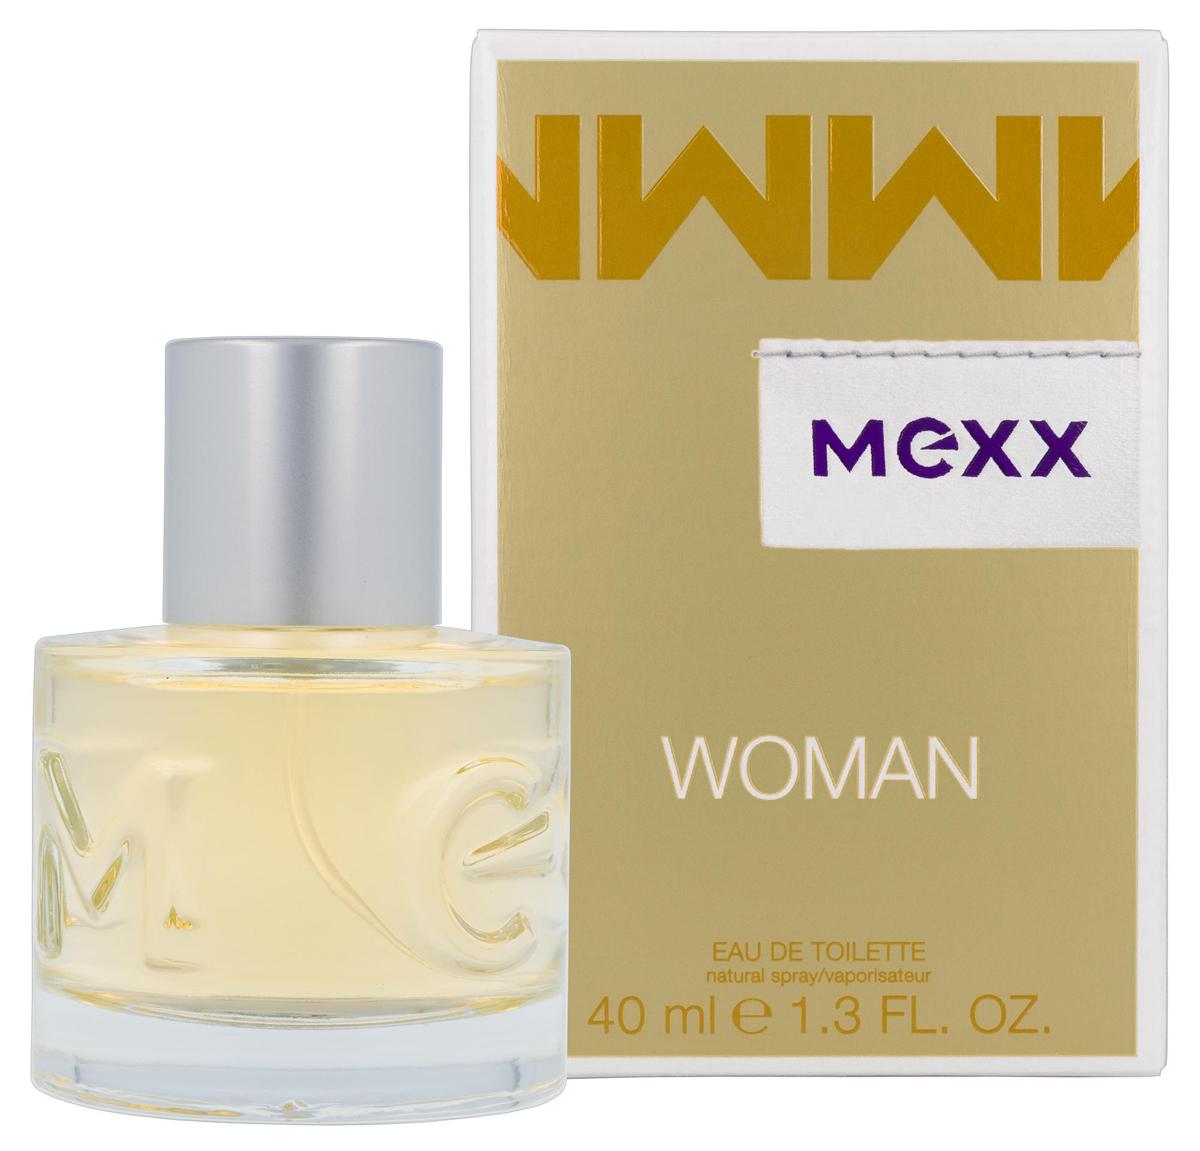 Mexx Woman Туалетная вода 40 мл0737052682433Woman - очень женственный и уверенный аромат. Классификация аромата: цветочный, восточный. Пирамида аромата: верхние ноты: бергамот, черная смородина, лимон, ноты сердца: роза, жасмин, ландыш, ноты шлейфа: сандал, кедр, амбра.Верхняя нота: Бергамот, Черная смородина.Средняя нота: Ландыш, Роза, Жасмин.Шлейф: Амбра.Женственная комбинация фруктовых, цветочных и древесных нот.Дневной и вечерний аромат.